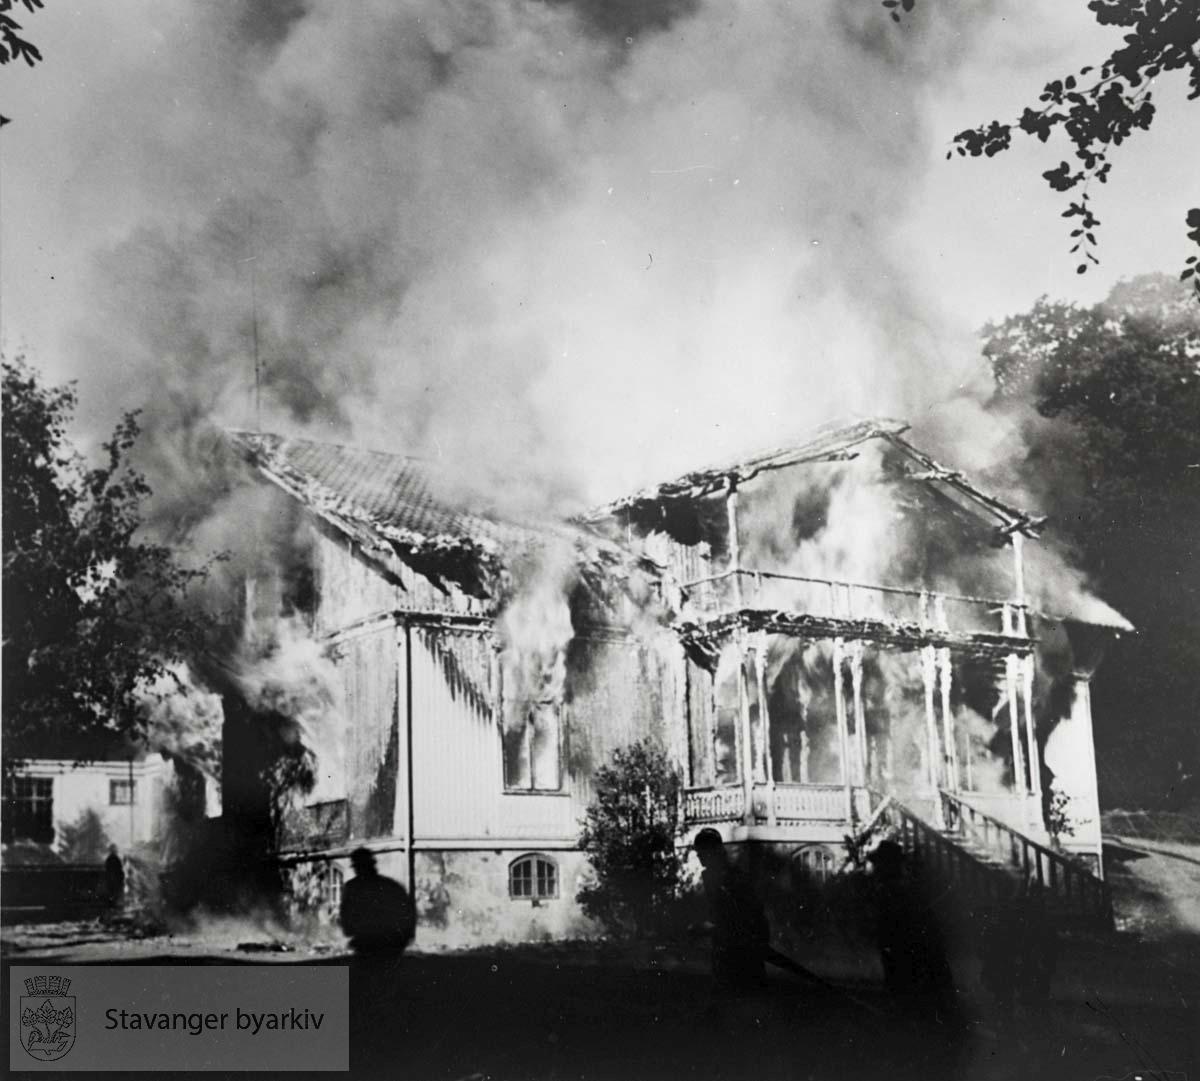 Brann i Bjergsted..Villa bygget i 1858 for stadshauptmann L. W. Hansen etter tegninger av F. von der Lippe (1833-1901). Kjøpt av Stavanger kommune i 1885. Brant ned til grunnen 11. september 1941.